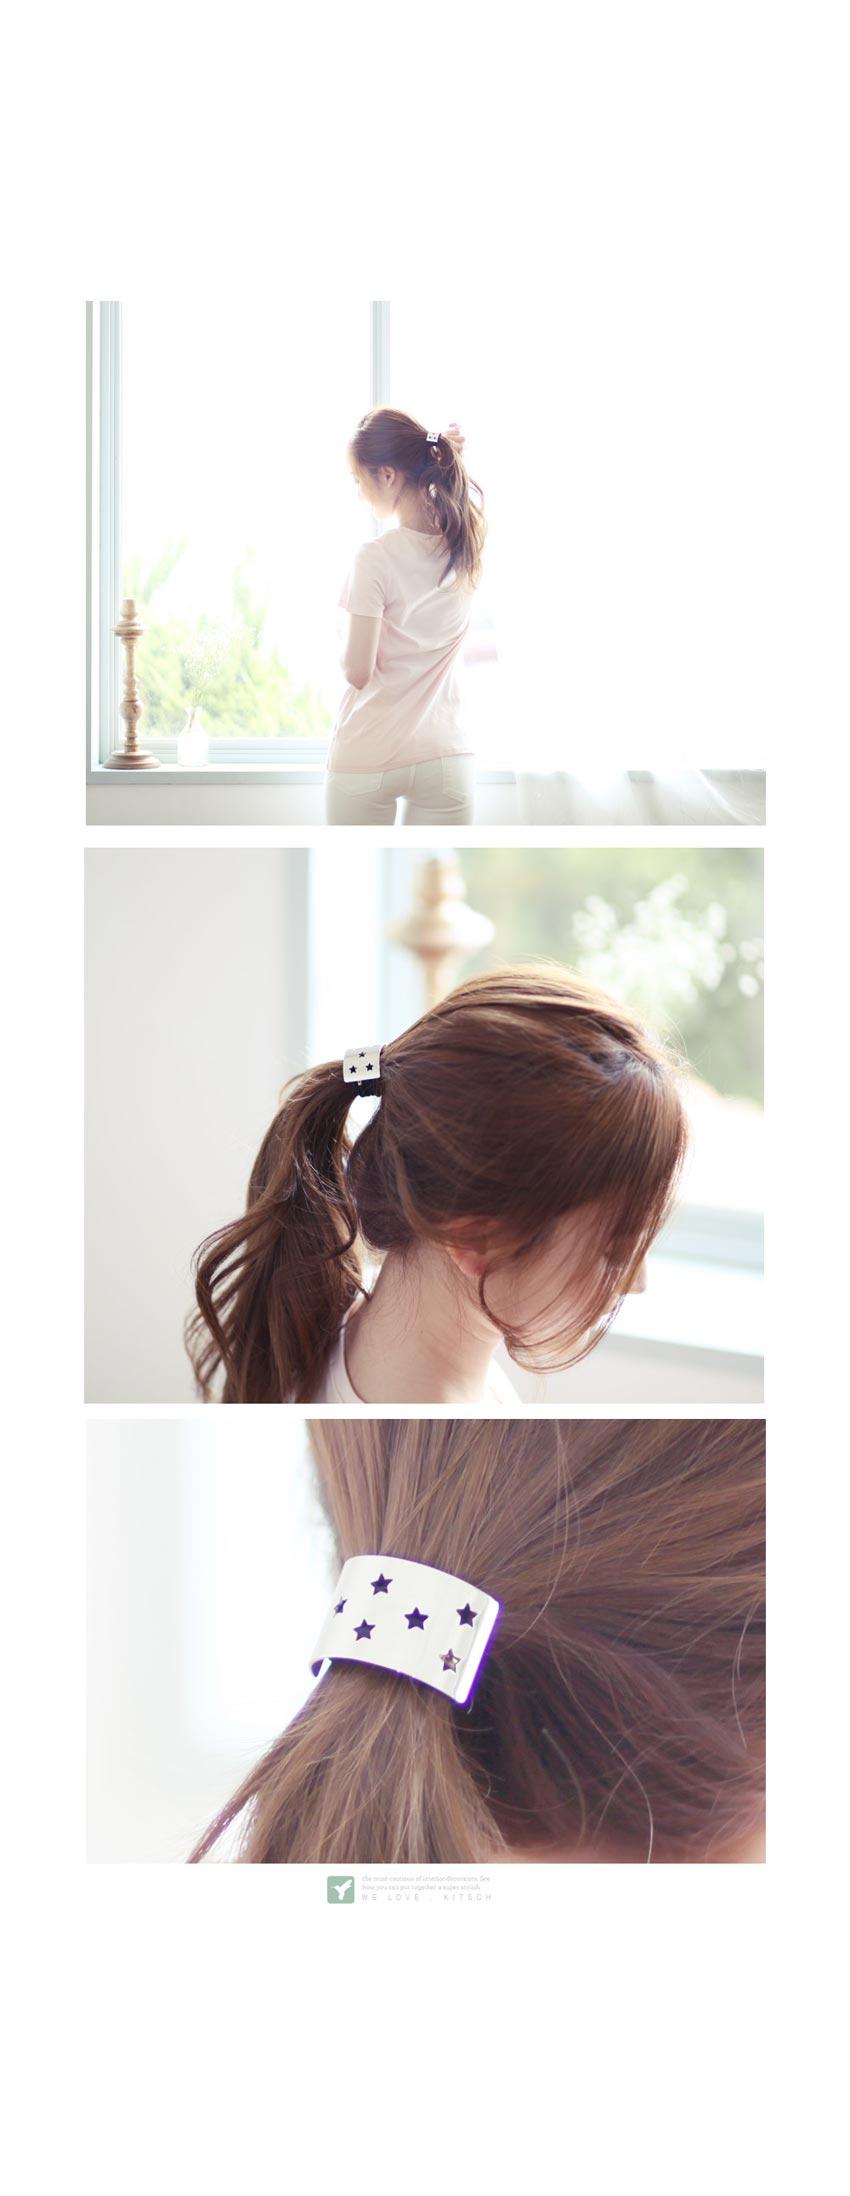 별 펀칭 메탈 머리끈 - 키치아일랜드, 4,000원, 헤어핀/밴드/끈, 헤어핀/끈